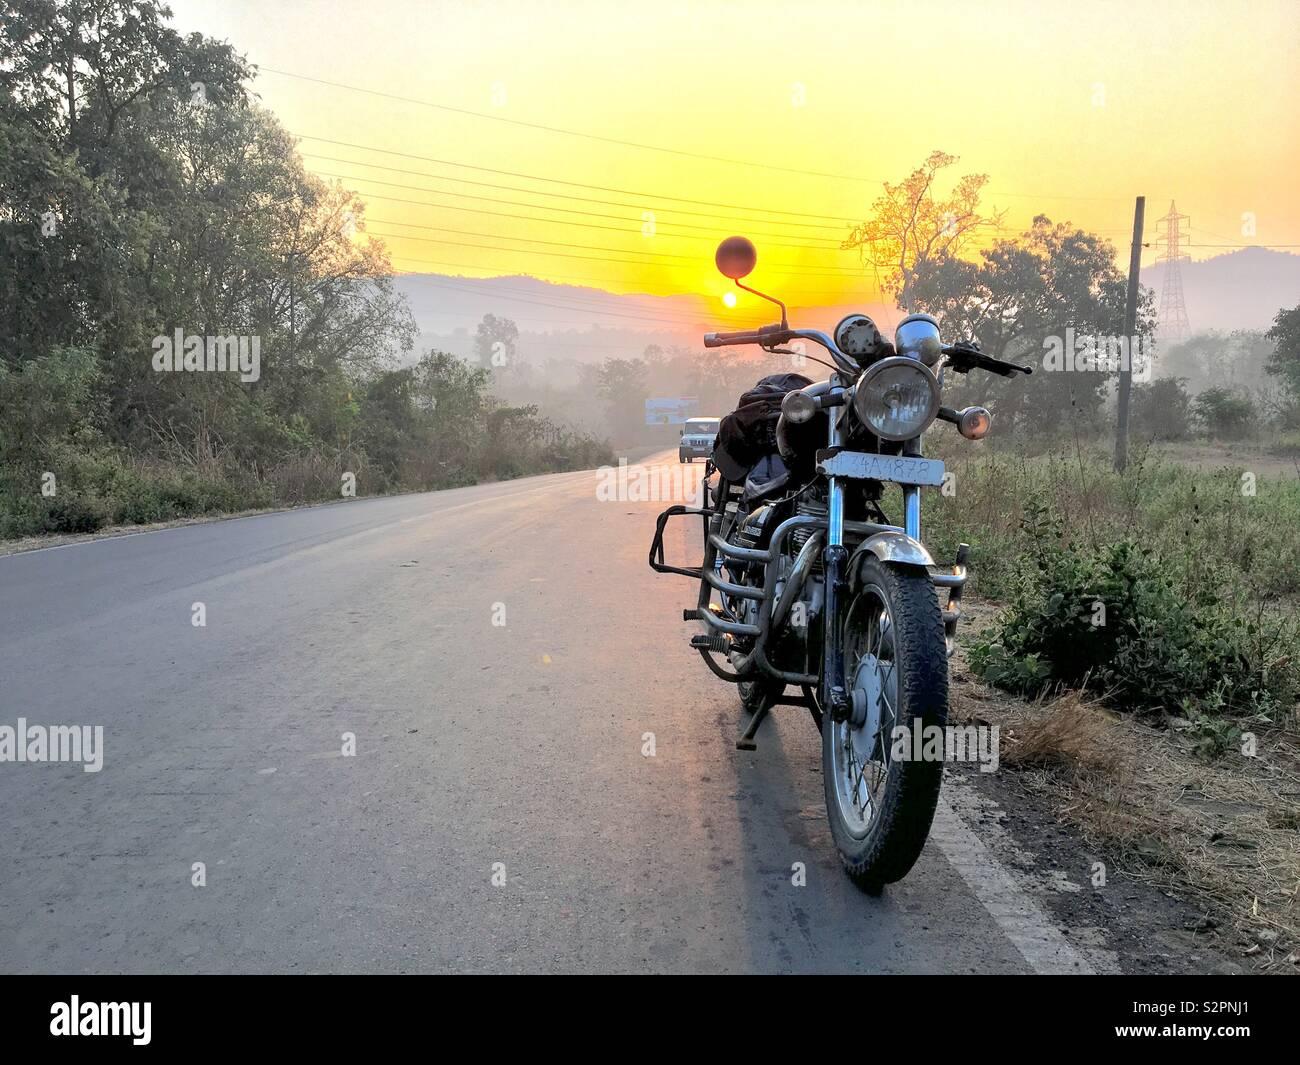 Tourné d'une moto paniers sur une route au lever du soleil Banque D'Images